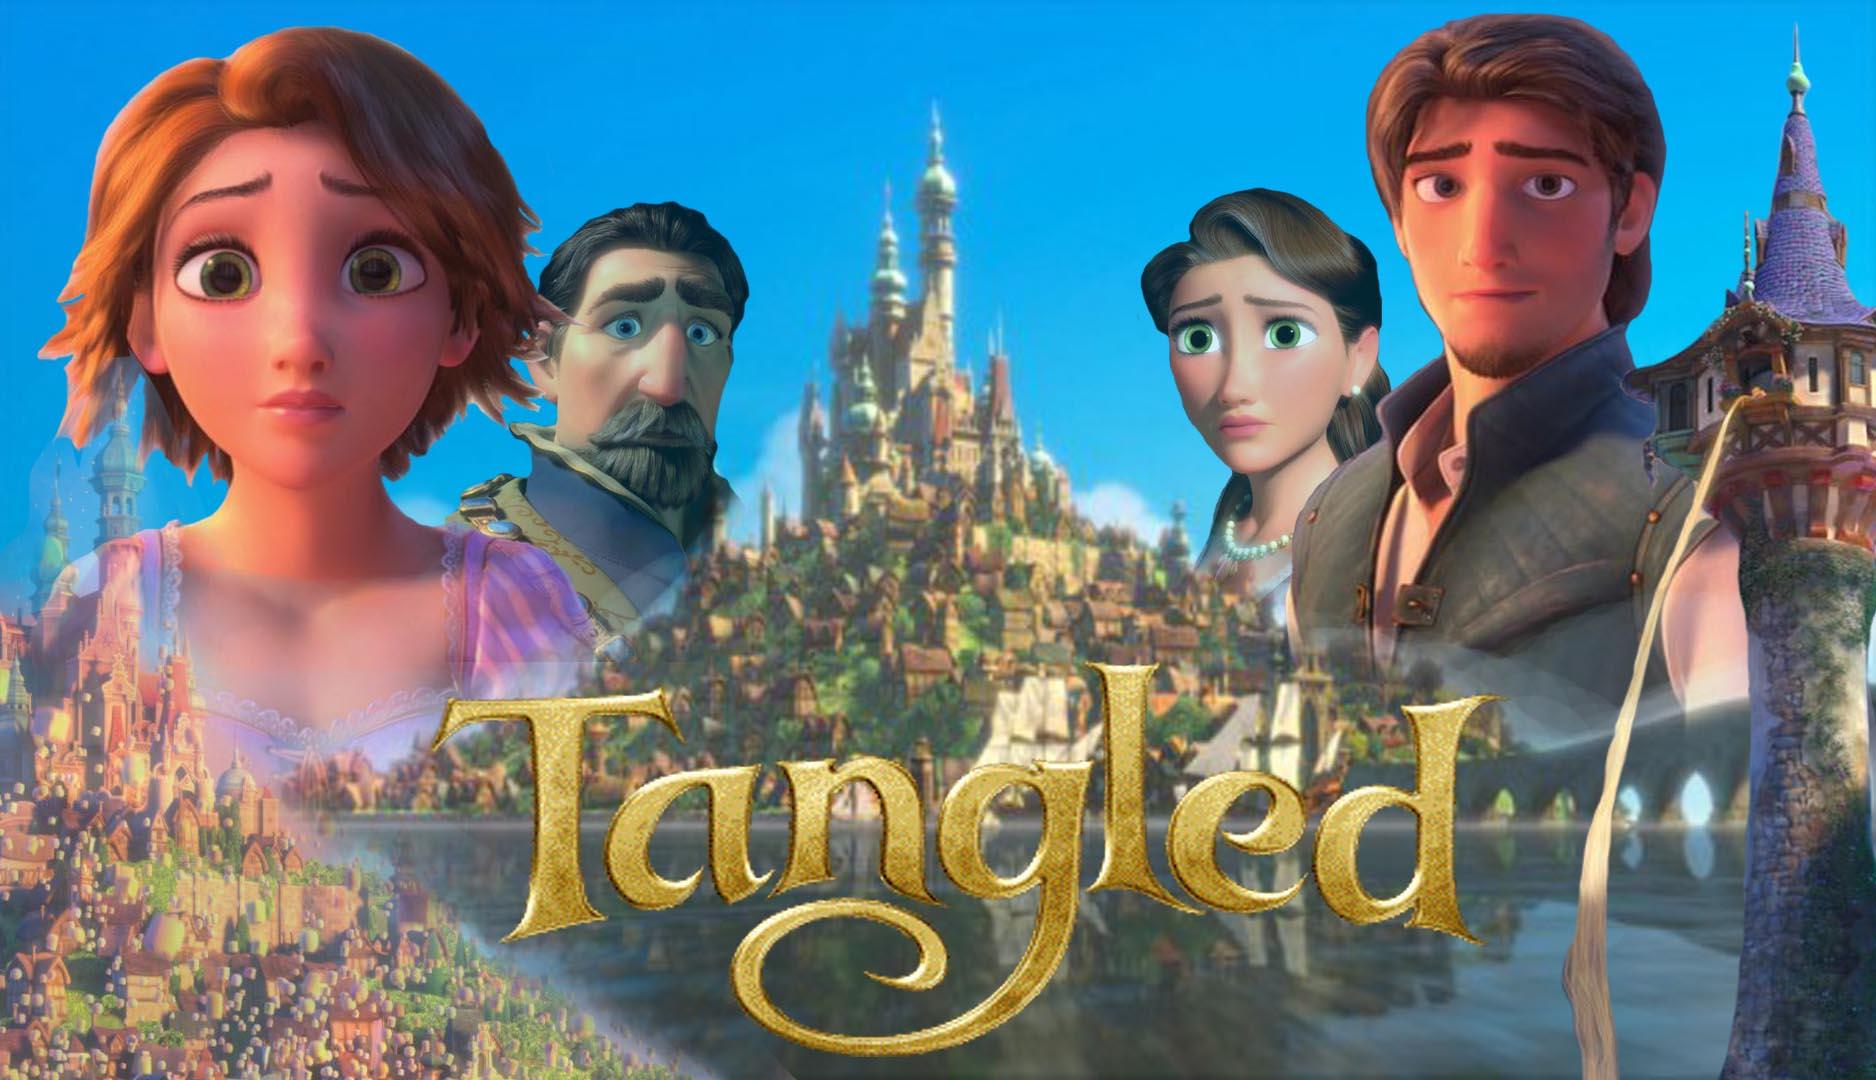 Tangled Wallpaper 2 - Rapunzel Fitzherbert Art (12Rapunzel ...